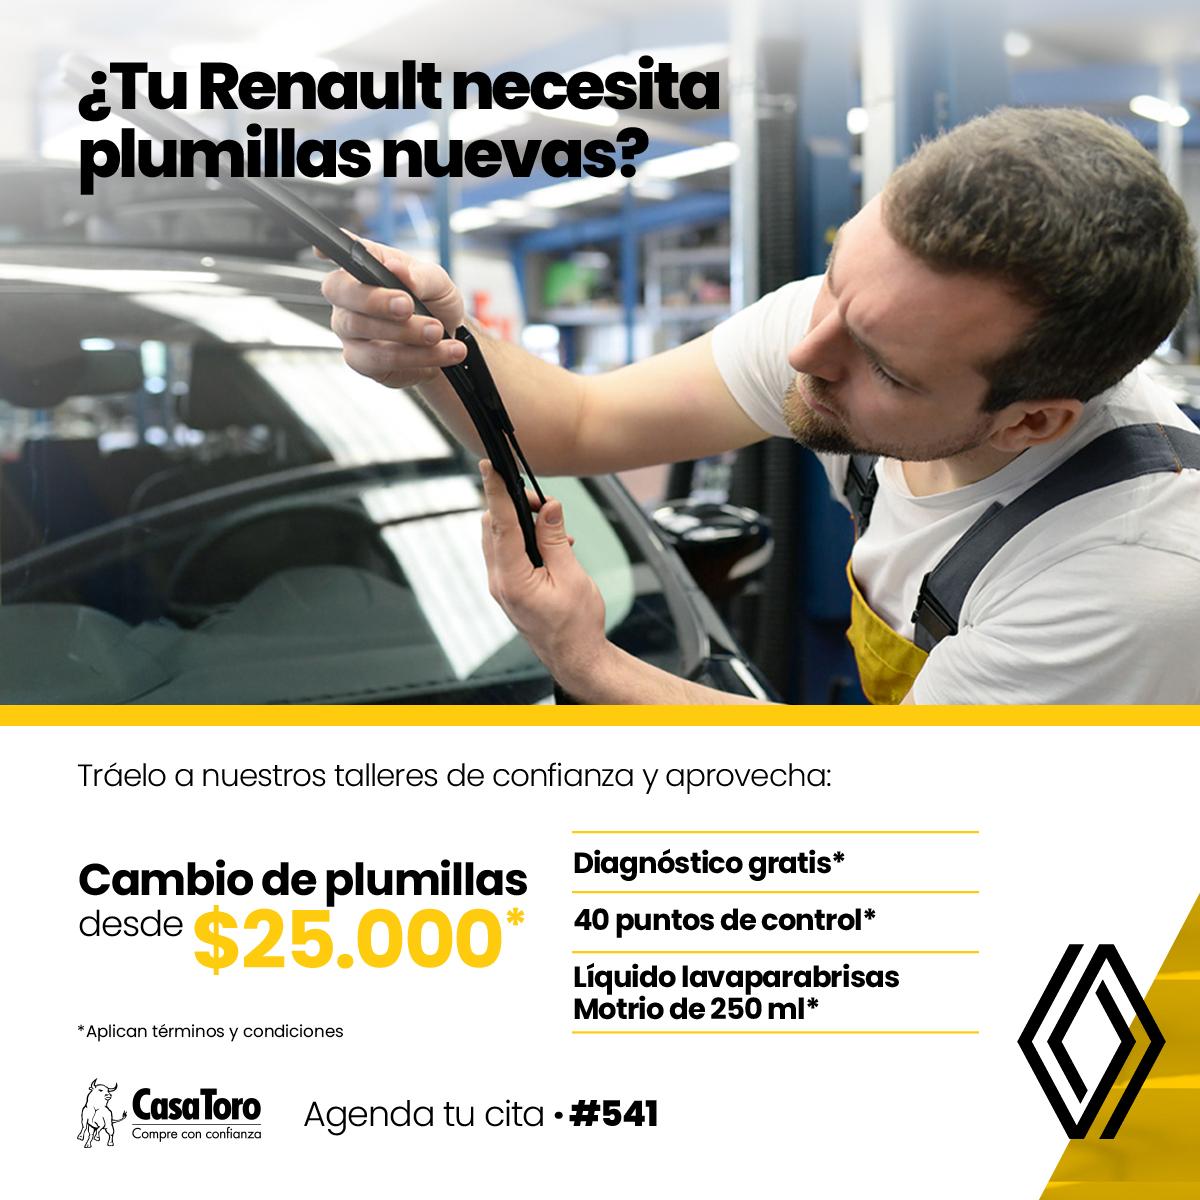 Cambio de Plumillas   Taller CasaToro Renault